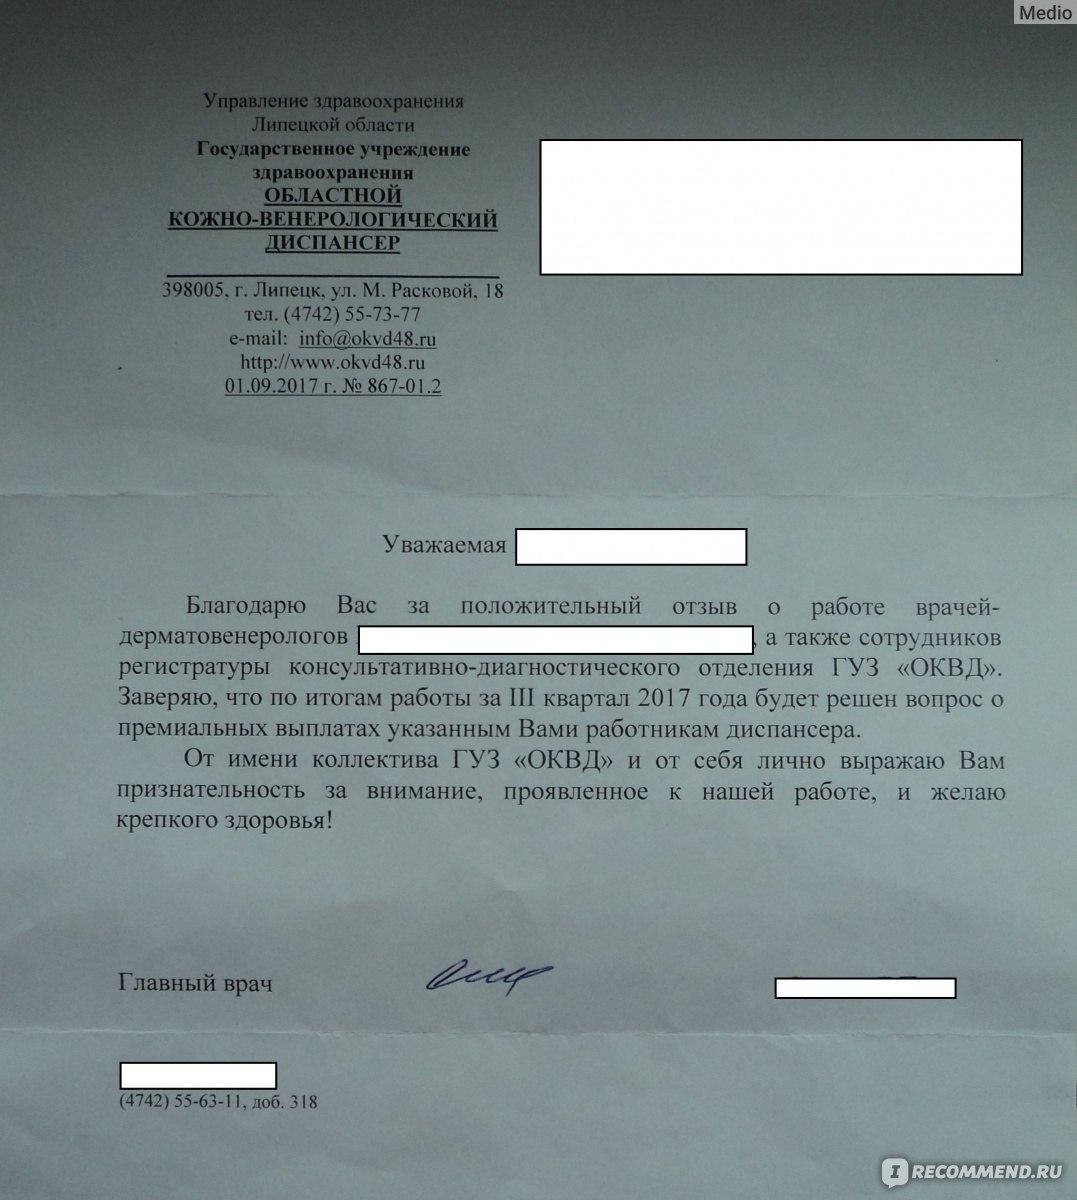 Медицинская справка на права в липецке ул.вермишева 17б справка медицинская в суд